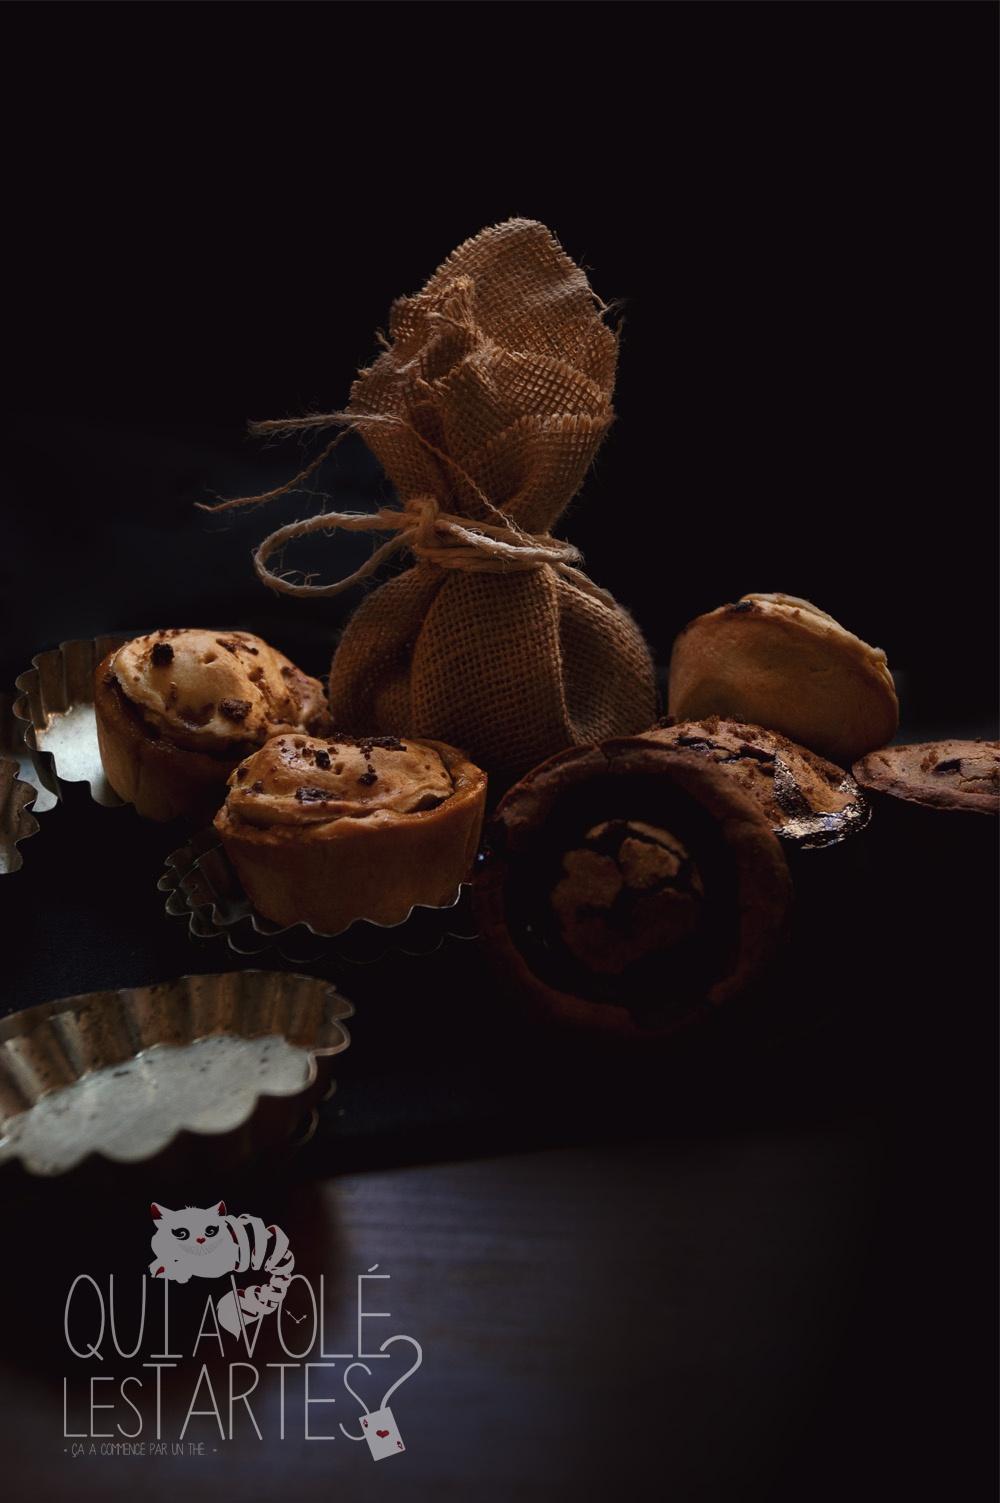 Tourtes à l'ancienne sans gluten 6 - Studio de création - Qui a volé les tartes- Copyright